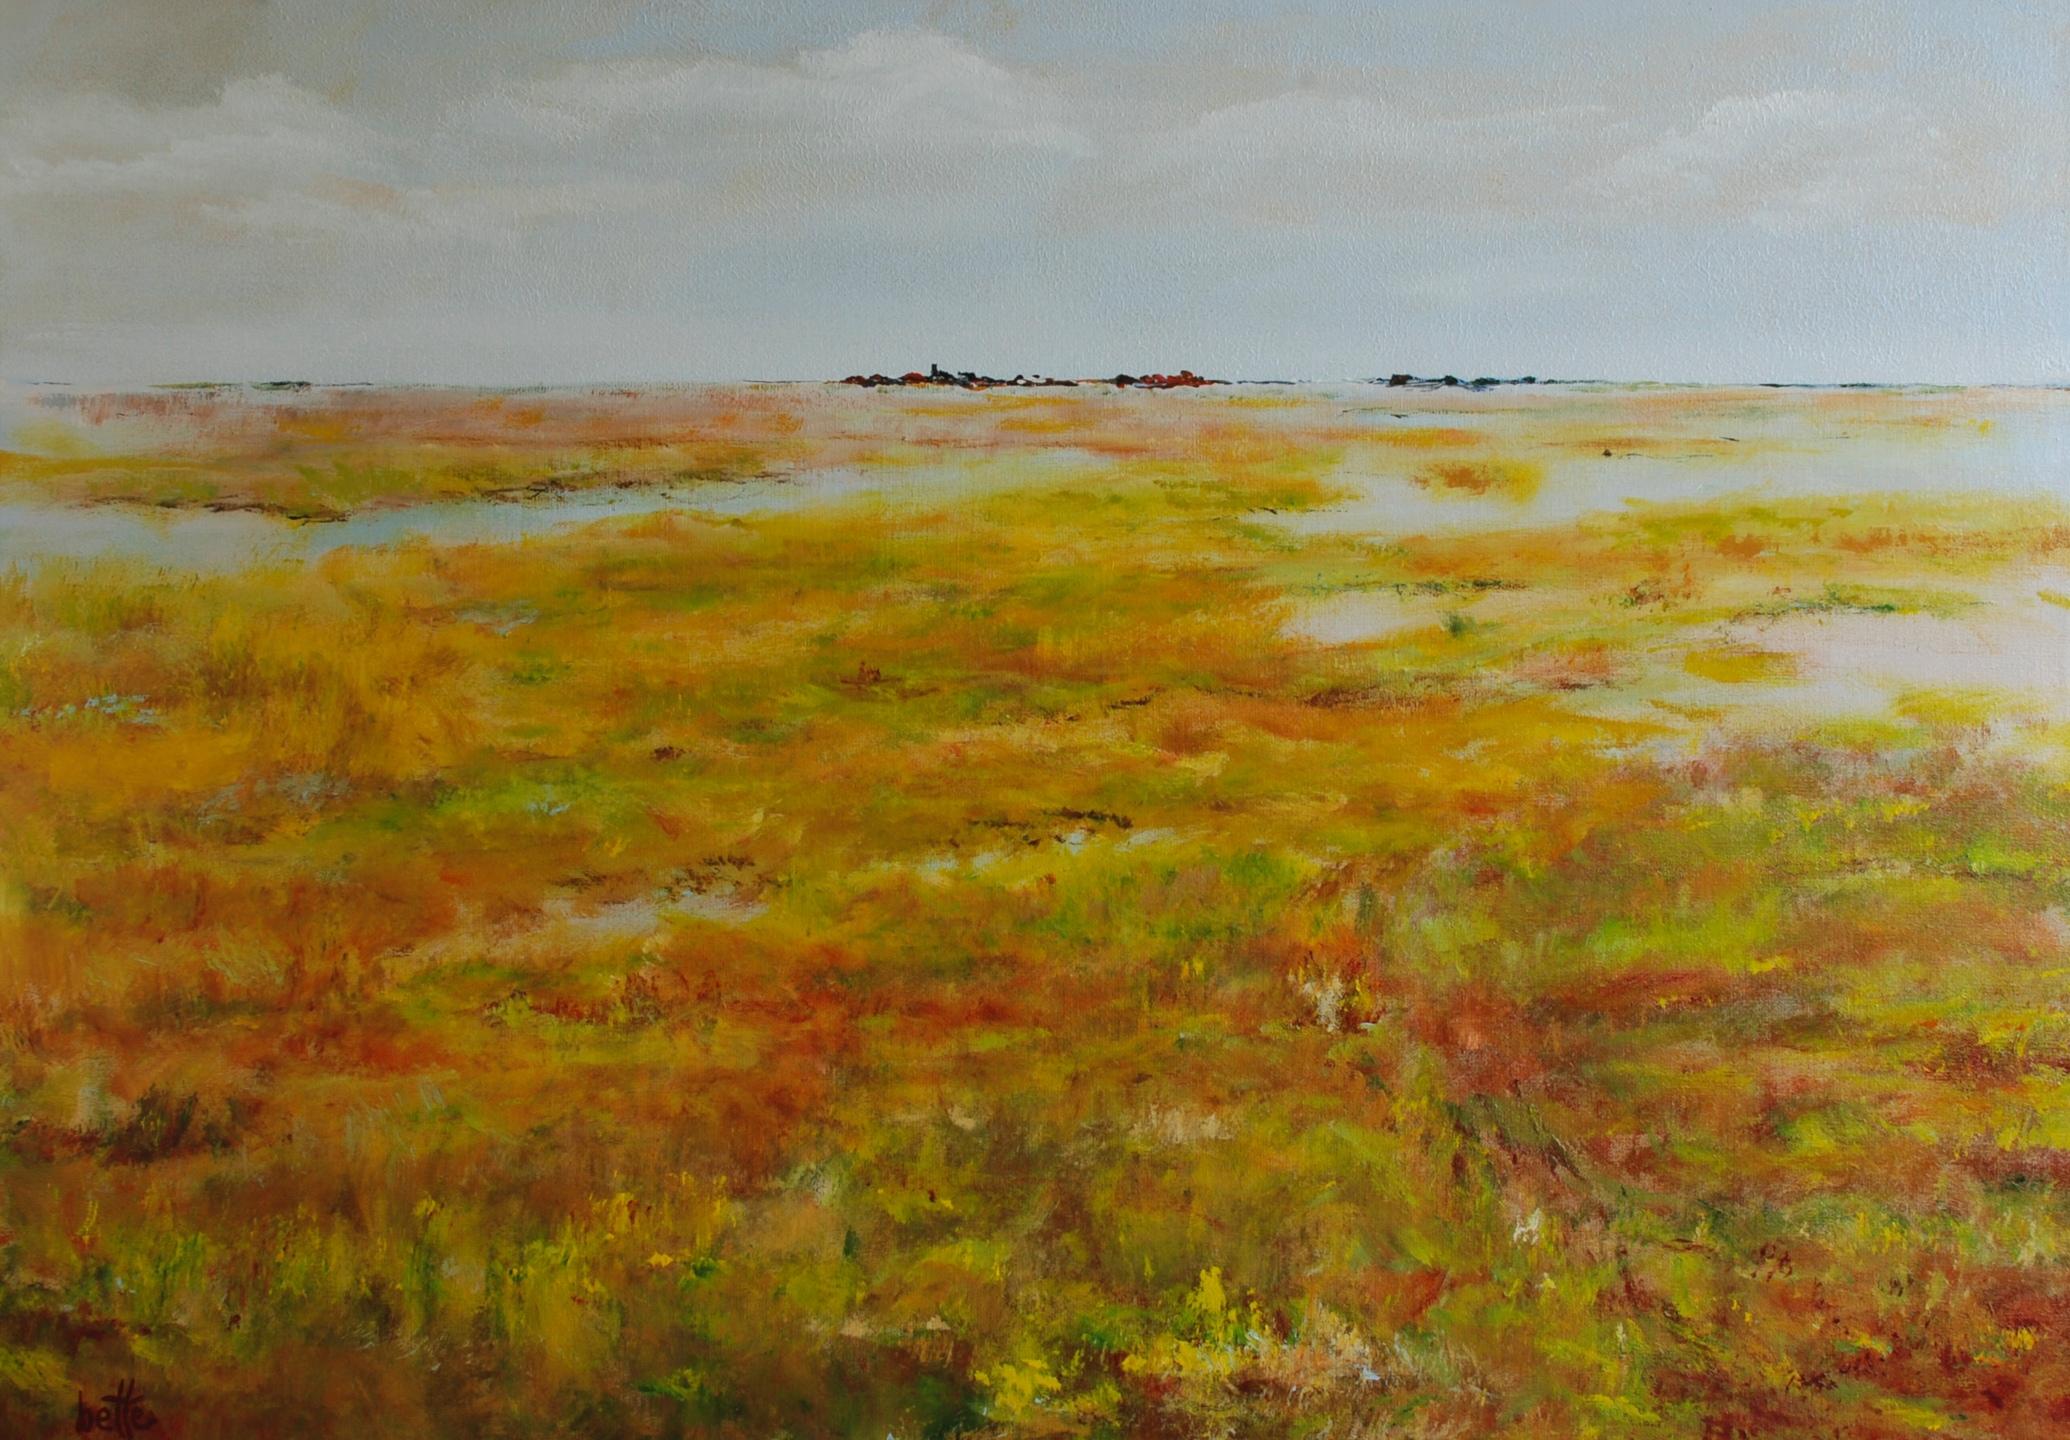 269 - Wetland